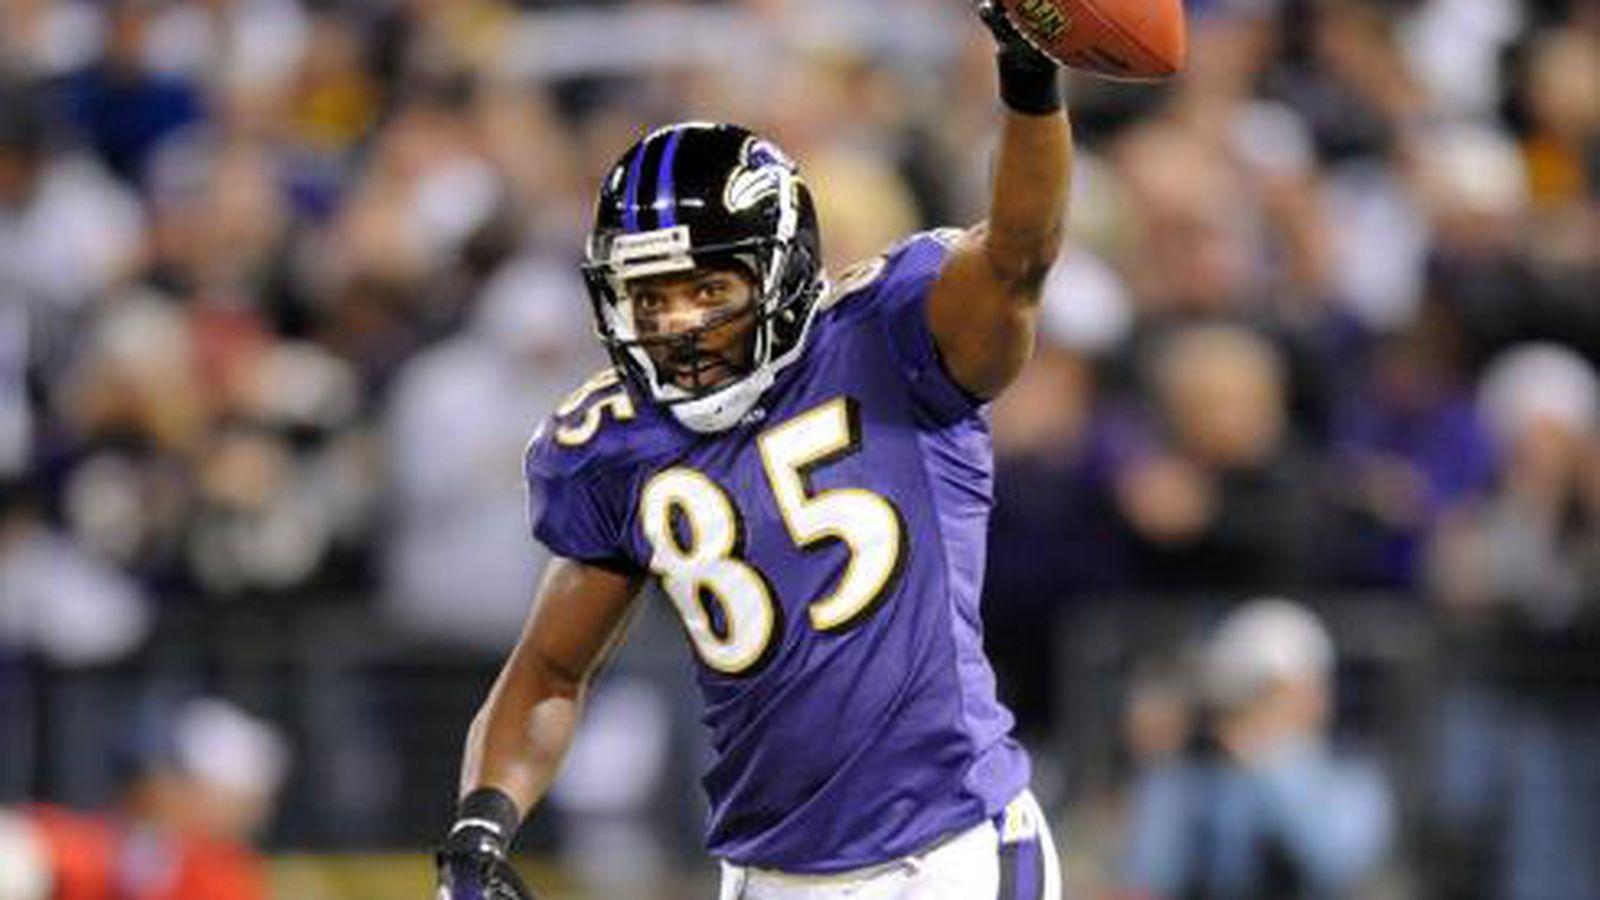 Derrick-mason-retiring-as-a-raven-861l9f0s-x-large.0